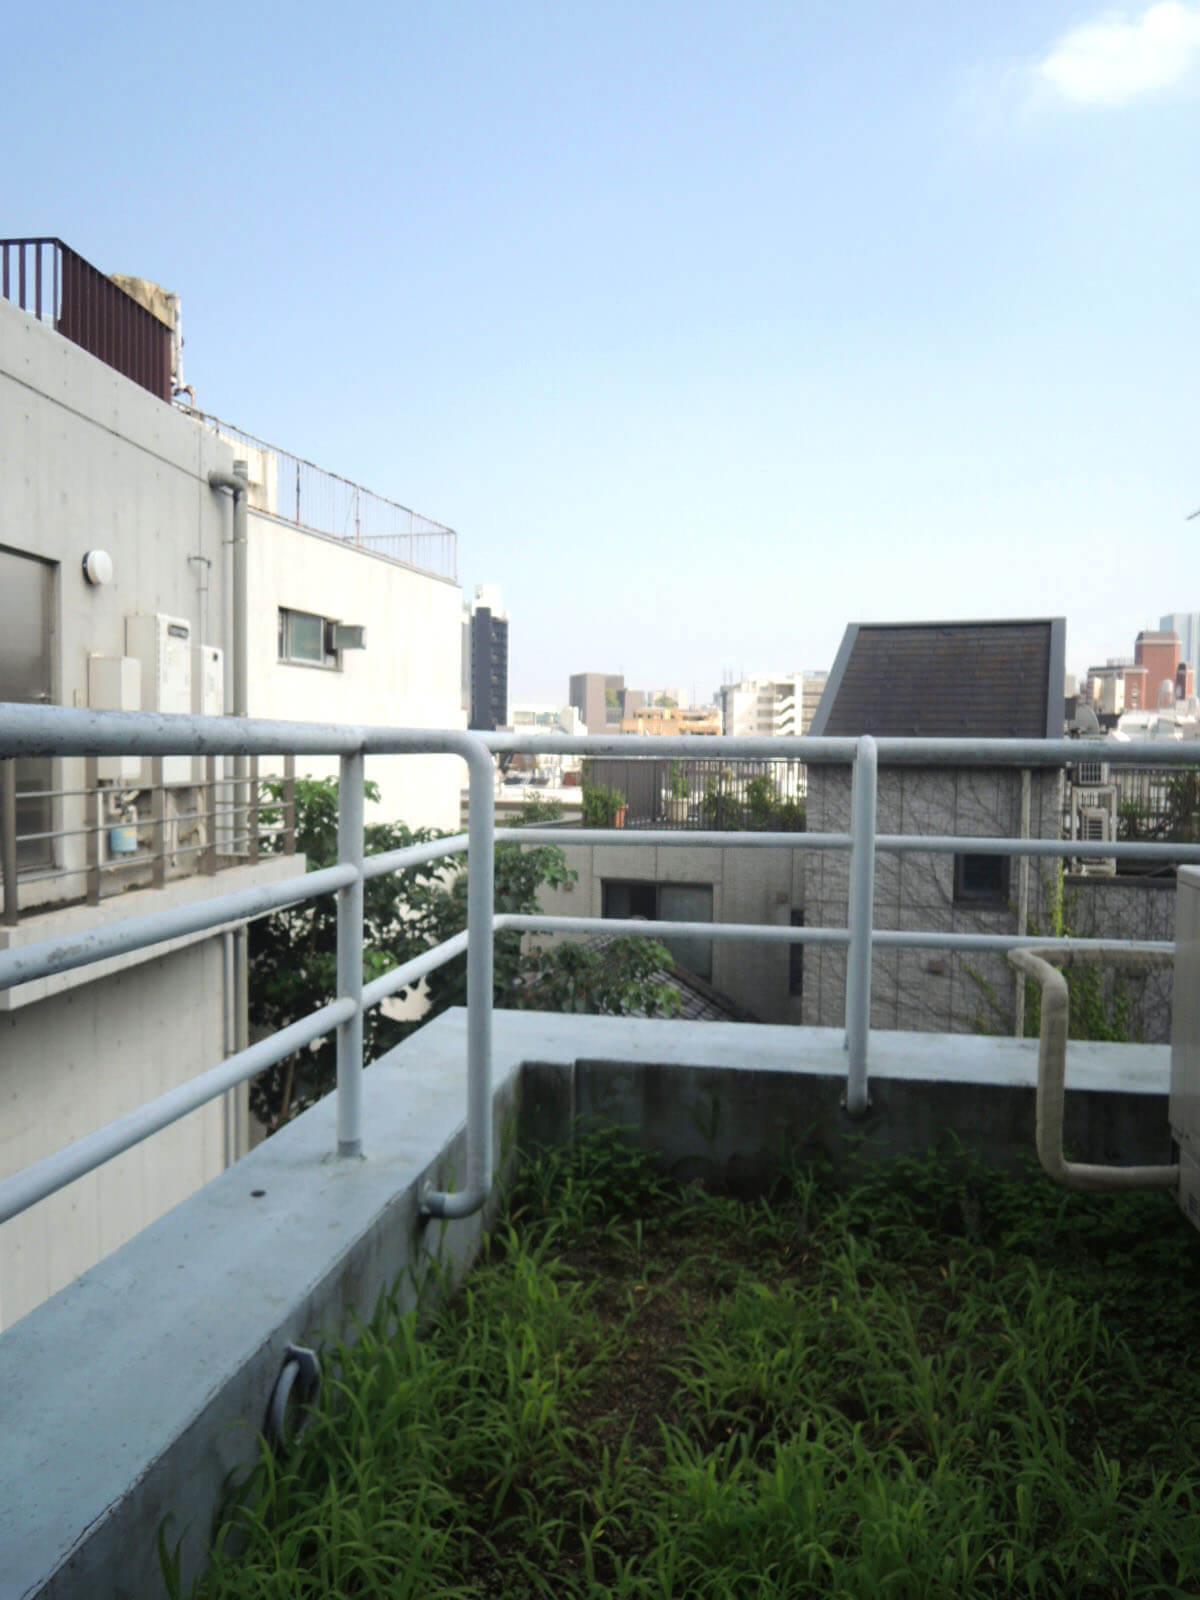 原宿駅前は意外にも住宅街。空が見えて気持ちよかったー。